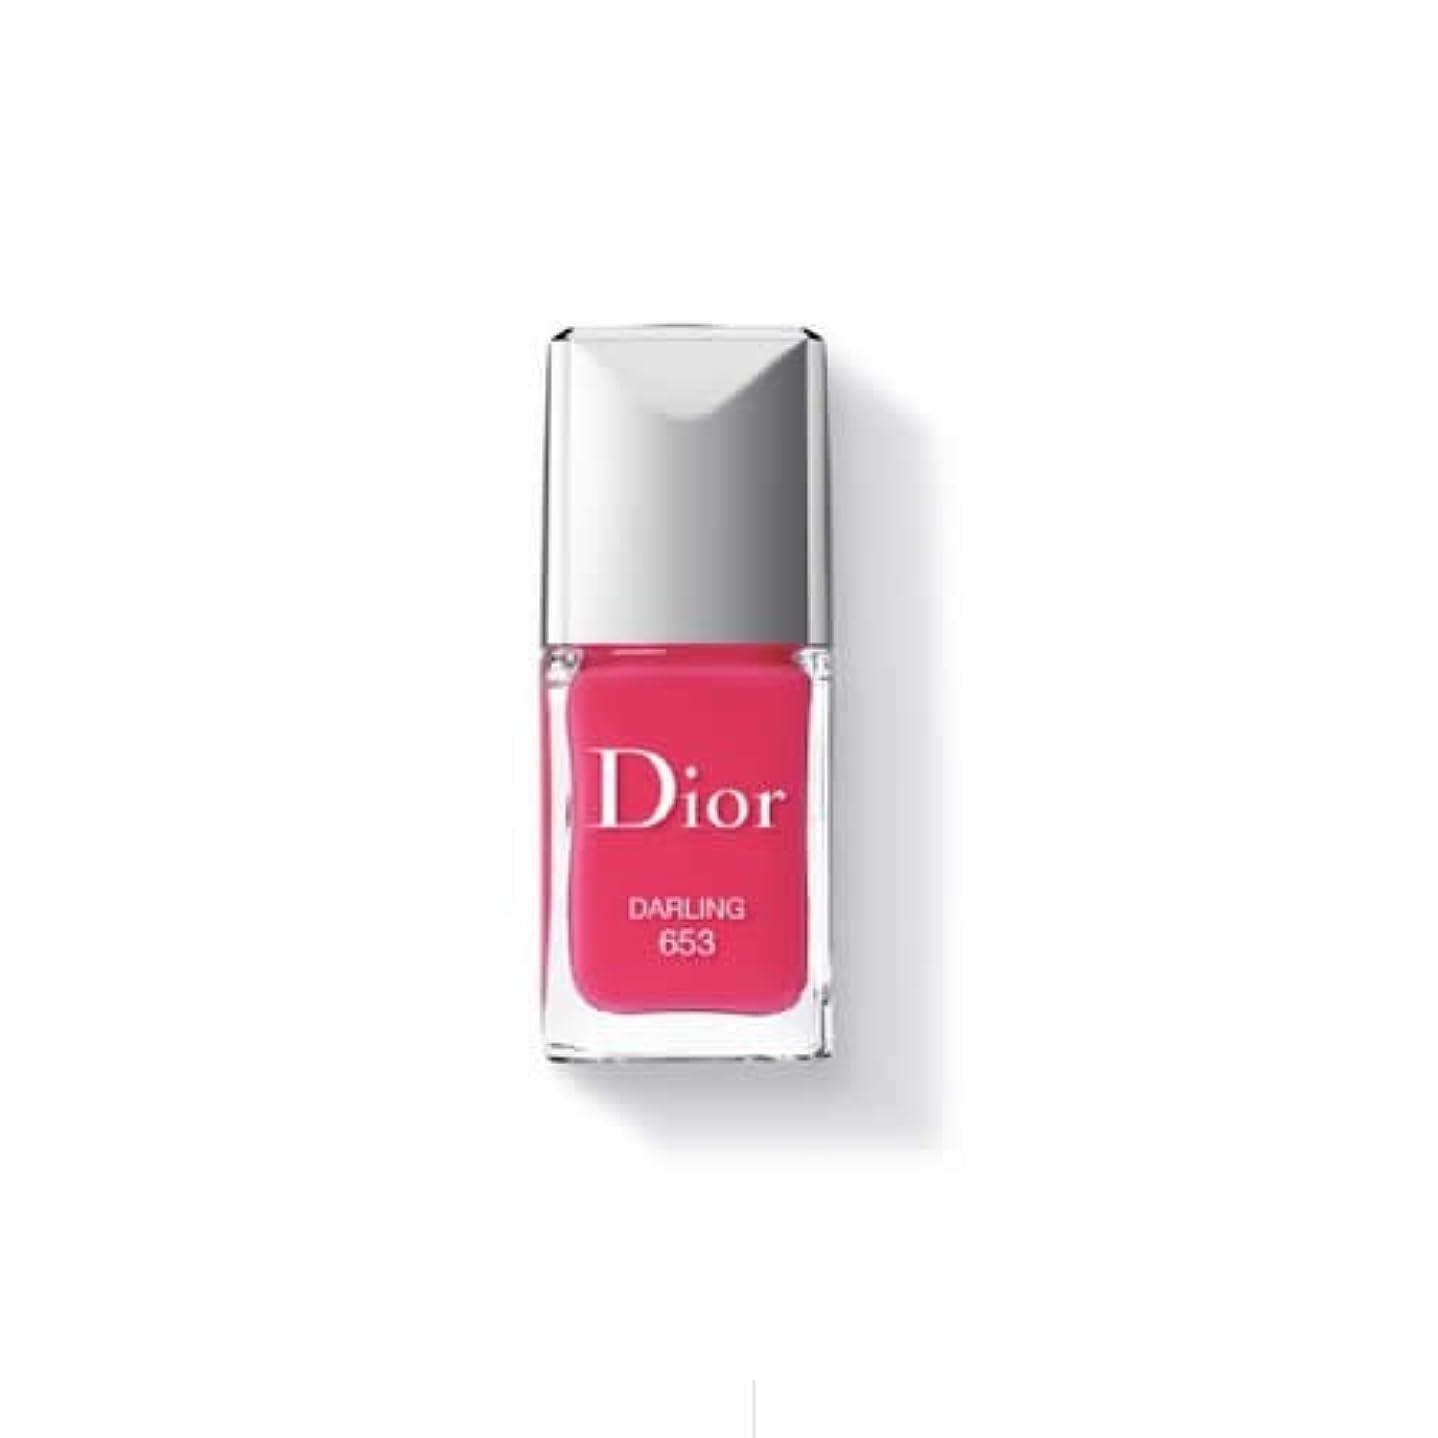 写真のフラッシュのように素早く競争力のあるディオール ヴェルニ #653 ダーリン 10ml クリスチャン ディオール Christian Dior 訳あり